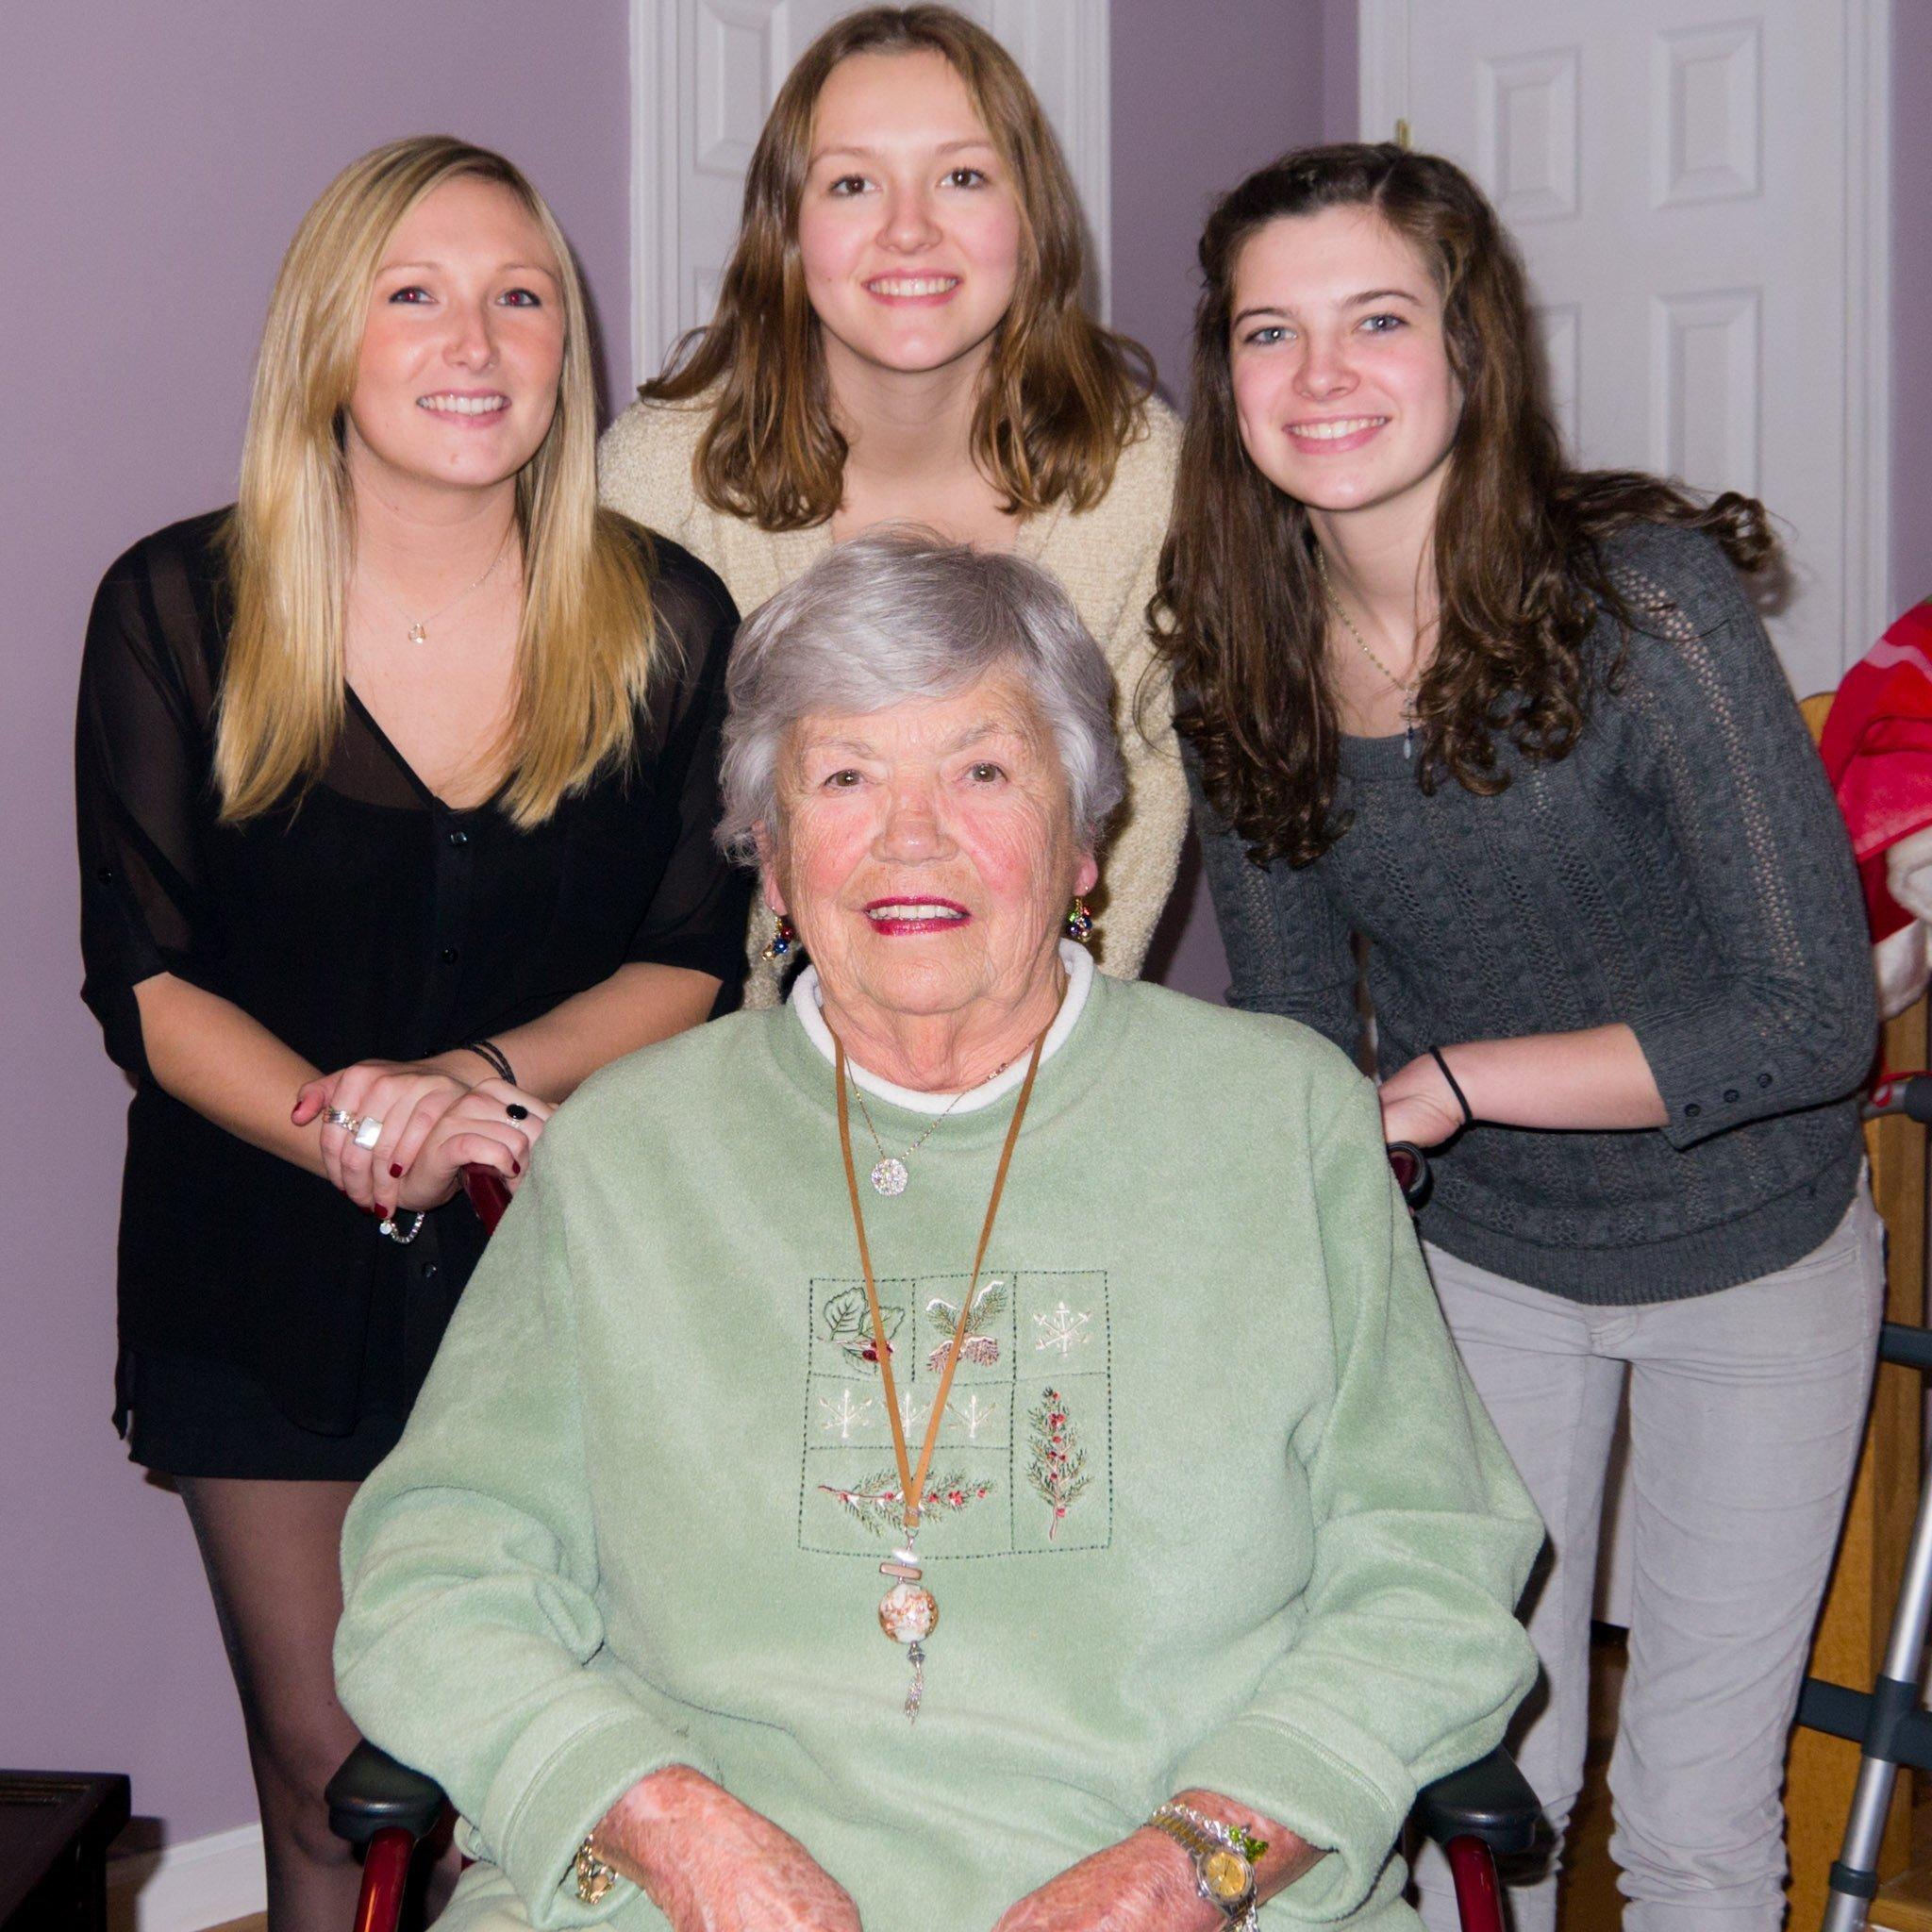 Mom, Samantha, Kassandra, Emily